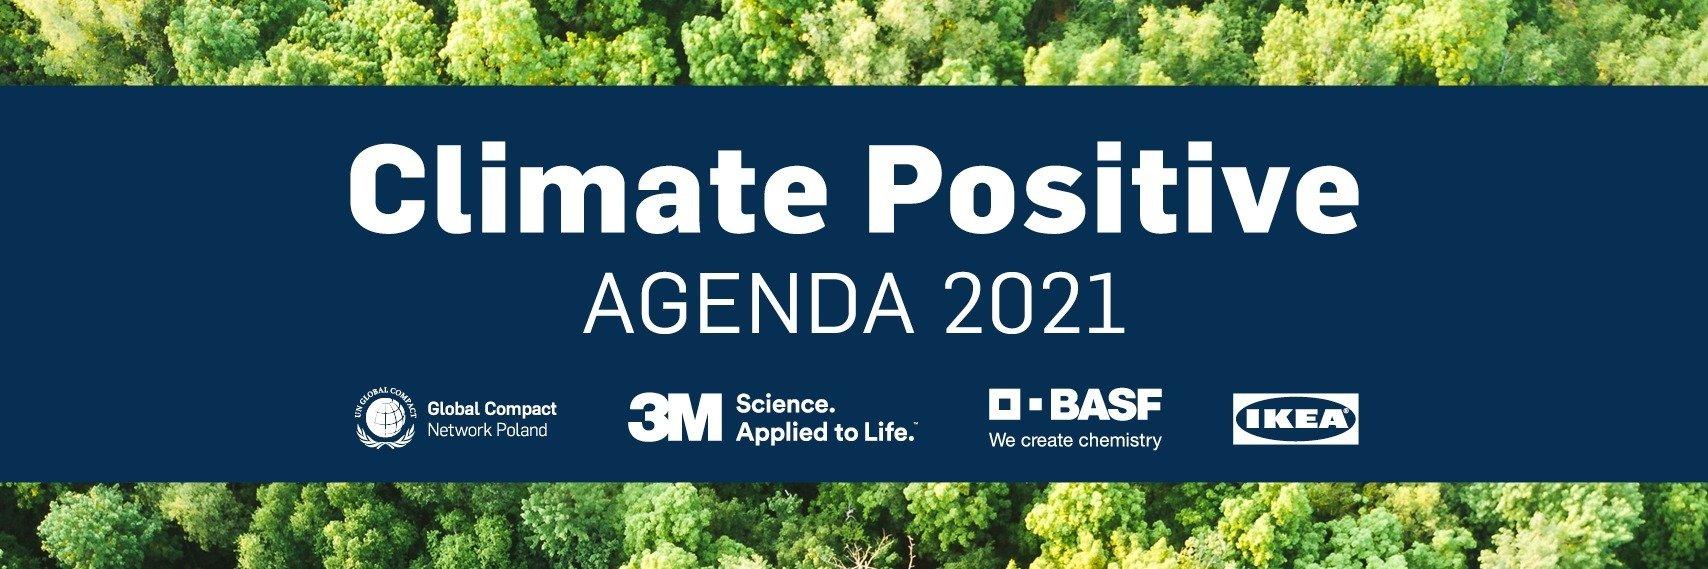 Alain Simonnet gościem pierwszej debaty Climate Positive - Agenda 2021 UNGC